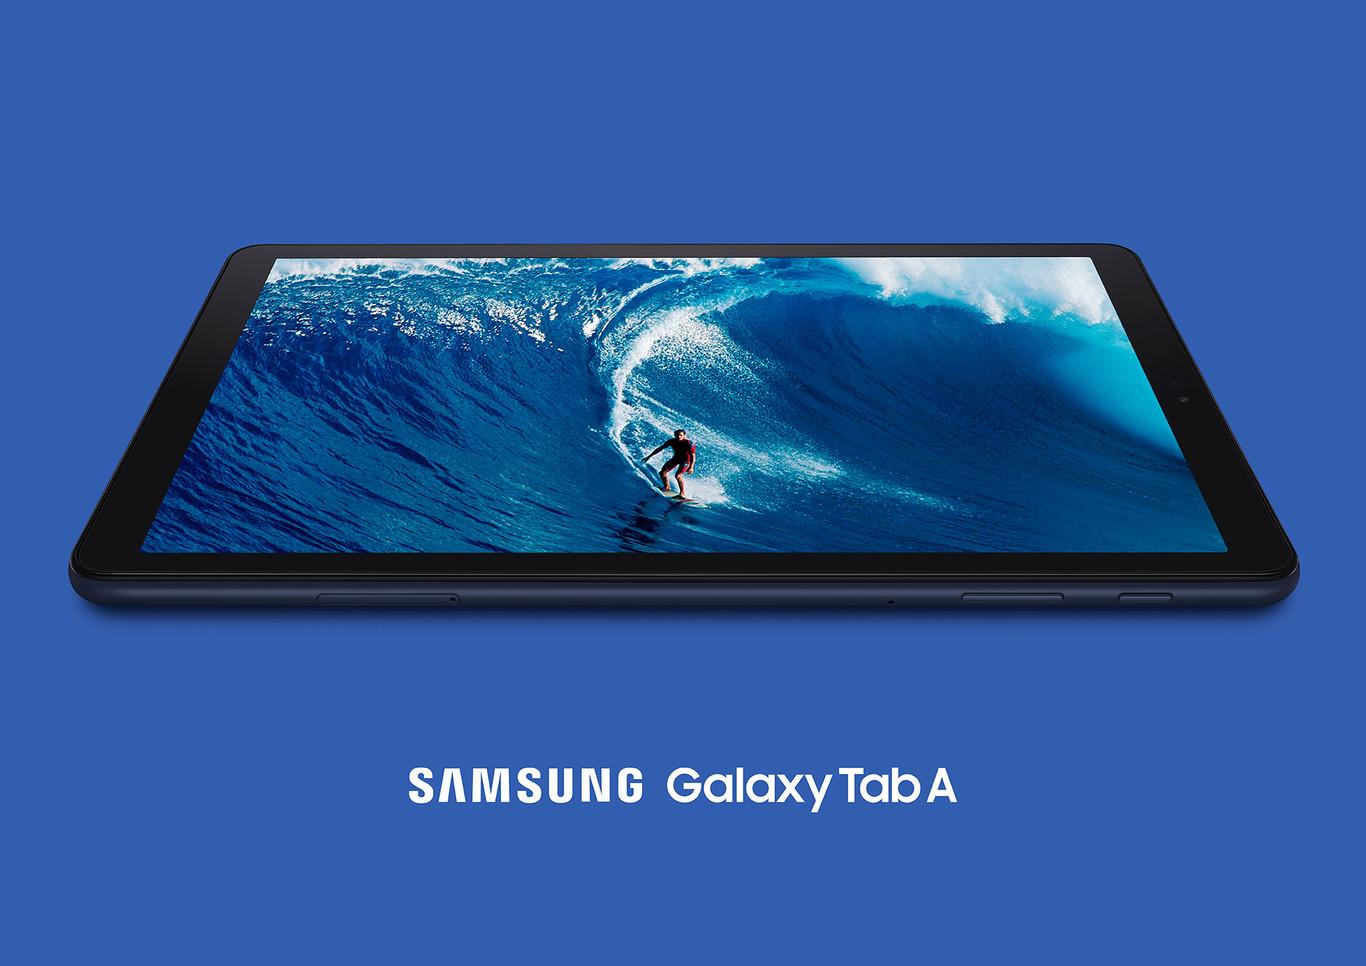 os tablets en Android no pasan por su mejor momento, aunque si hay que quedarse alguno que siempre ha mantenido cierta relevancia a lo largo de todos estos años, son los tablets económicos de Samsung. Hoy la marca ha renovado no solo su tablet de referencia, el Galaxy Tab S4 para la gama alta como competencia directa al iPad, sino que lo acompaña el Galaxy Tab A 10.5. Como suele ocurrir en esta línea de tablets, que acaba por rondar los 200 euros de precio en su variante de 10 pulgadas, no hay demasiadas pretensiones pero sí se busca que sea un producto solvente para la mayoría de usos en el hogar y fuera de él.